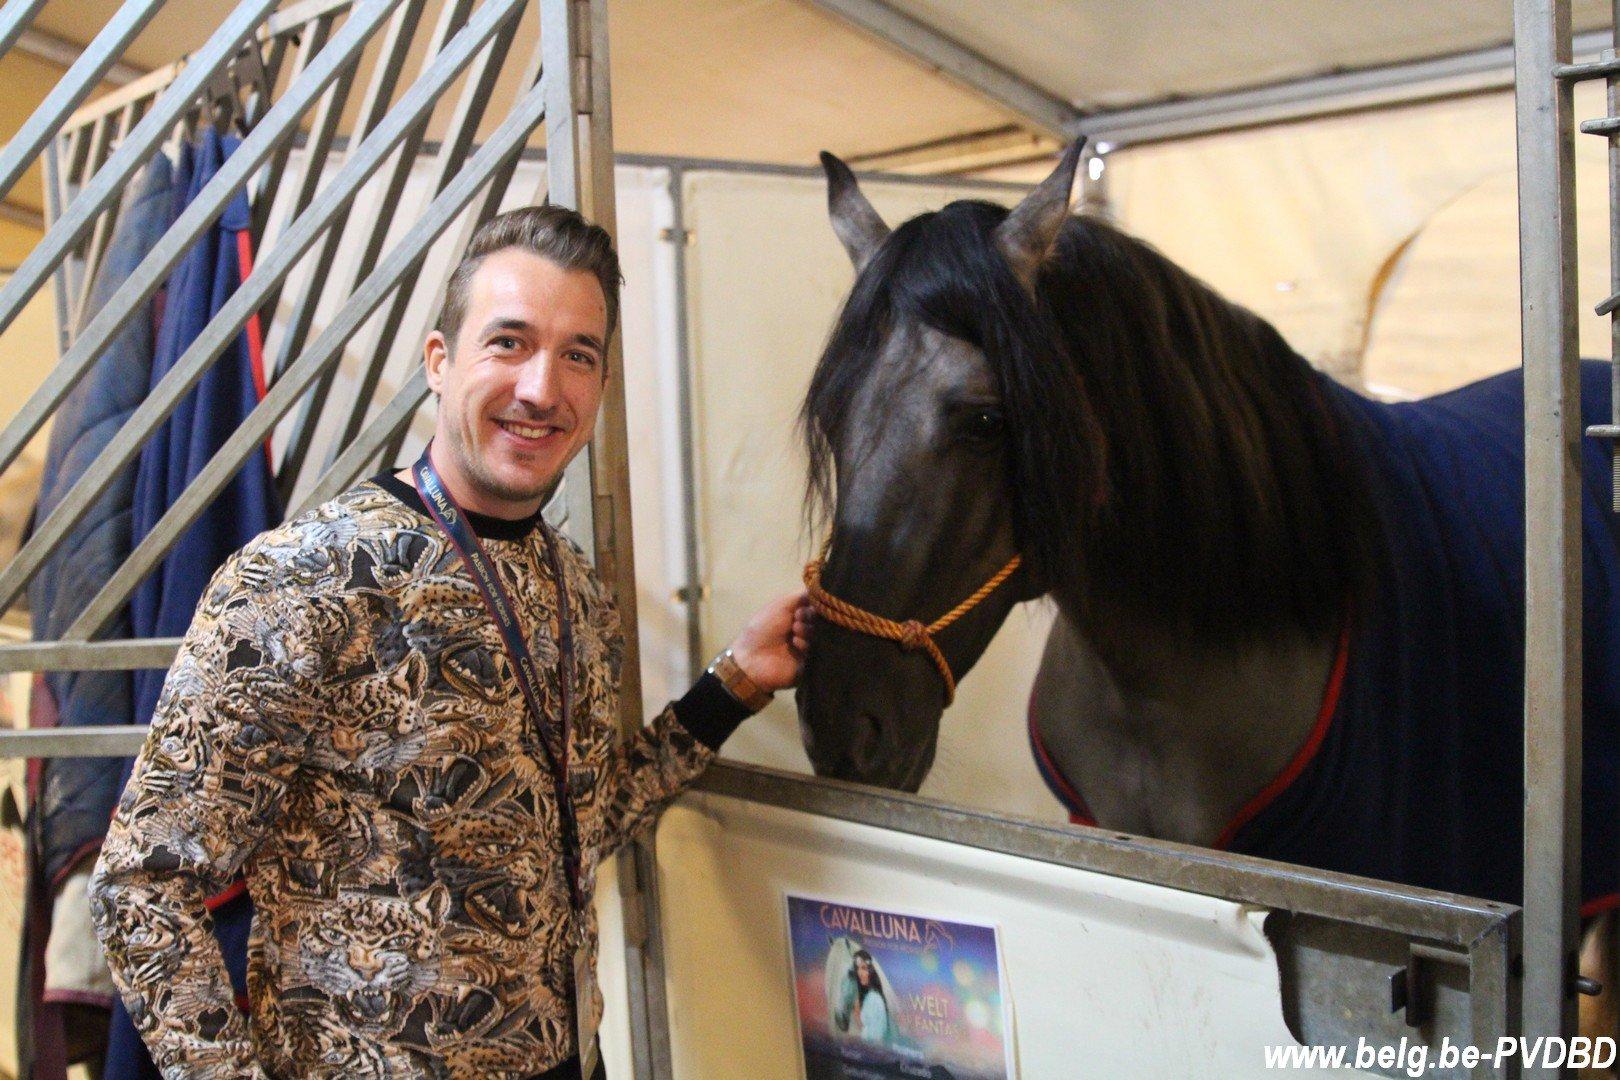 Cavalluna te gast in Antwerps Sportpaleis - IMG 4340